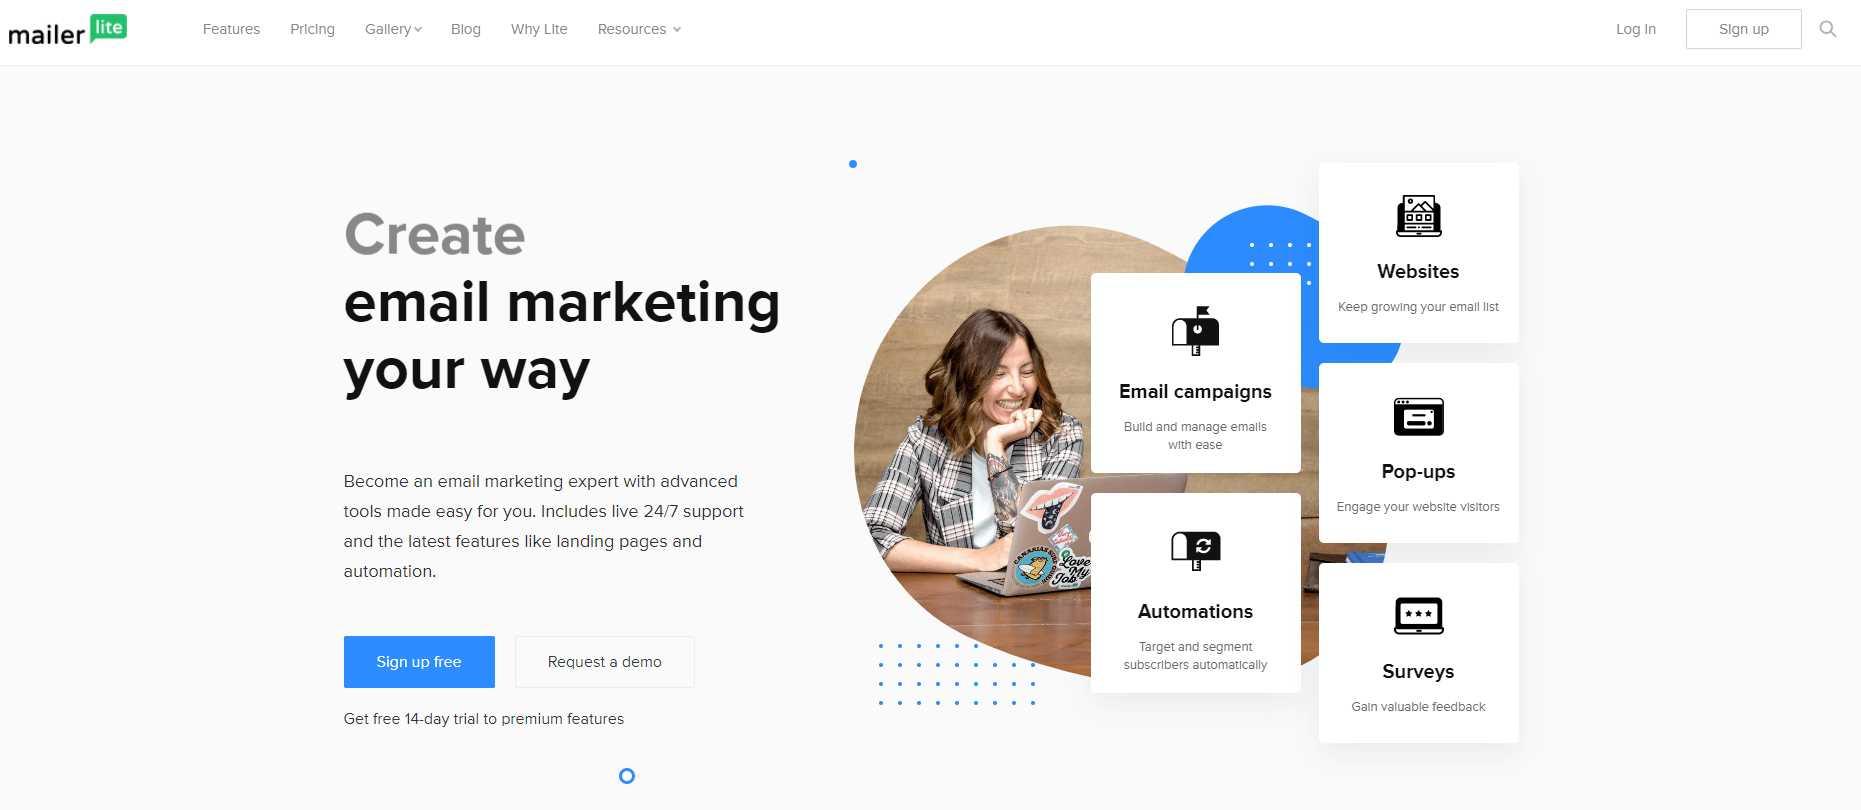 Mailerlite Top 30 Email Marketing Software